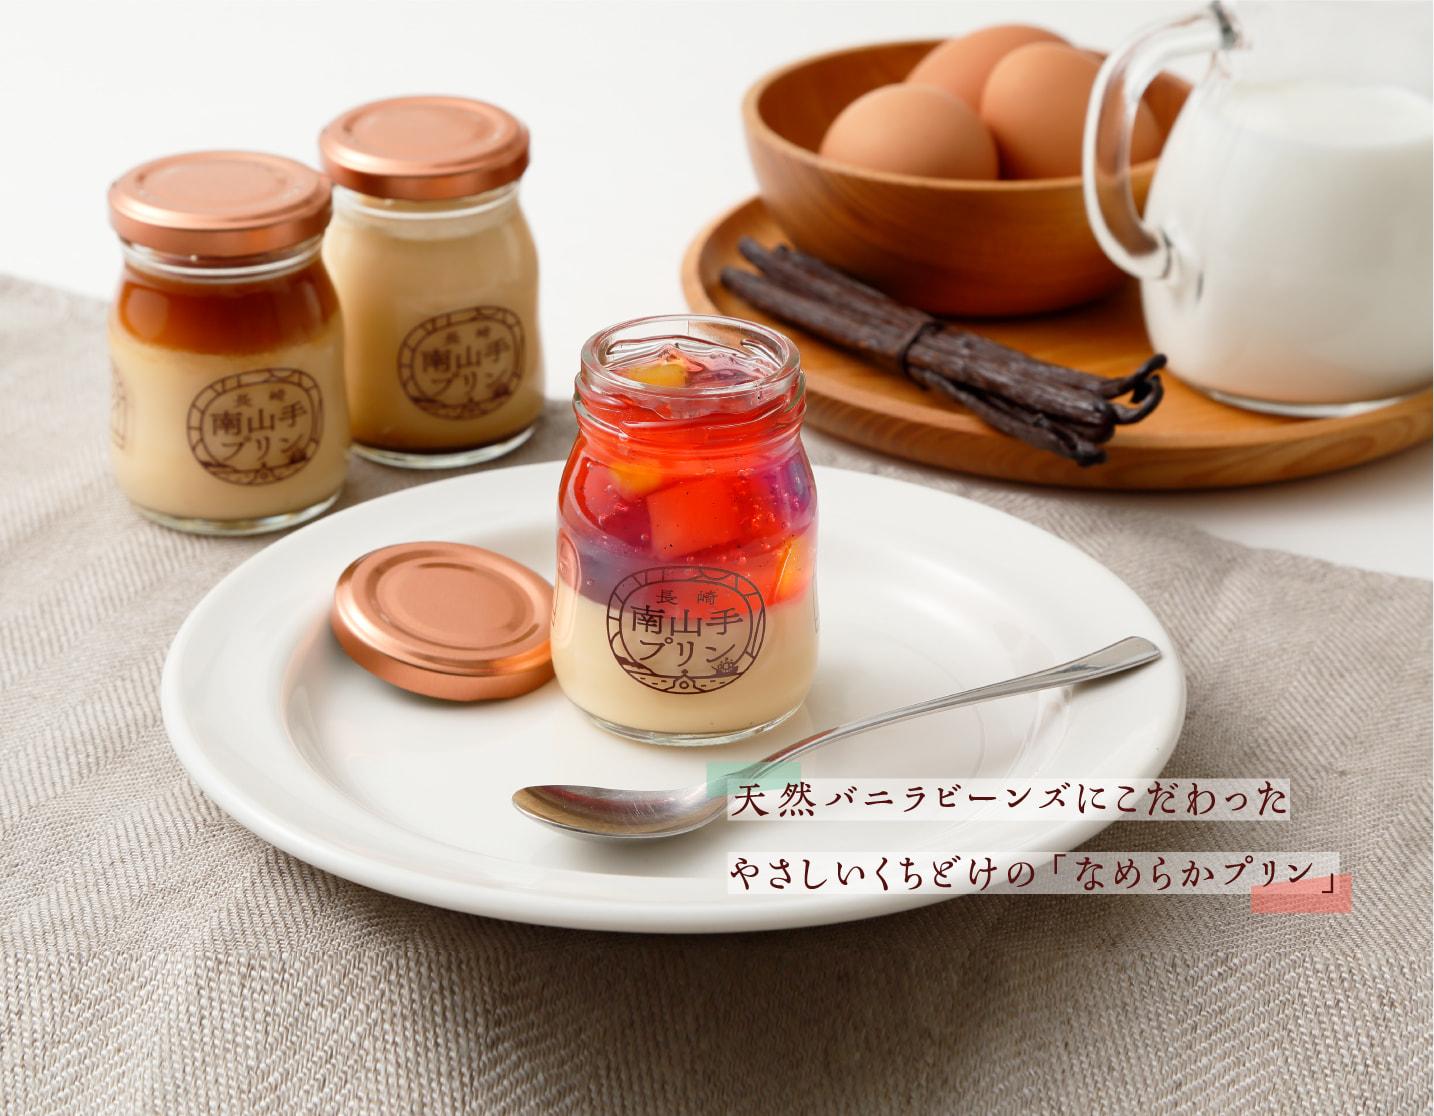 長崎のプリン専門店「南山手プリン」天然バニラビーンズにこだわったやさしいくちどけの「なめらかプリン」